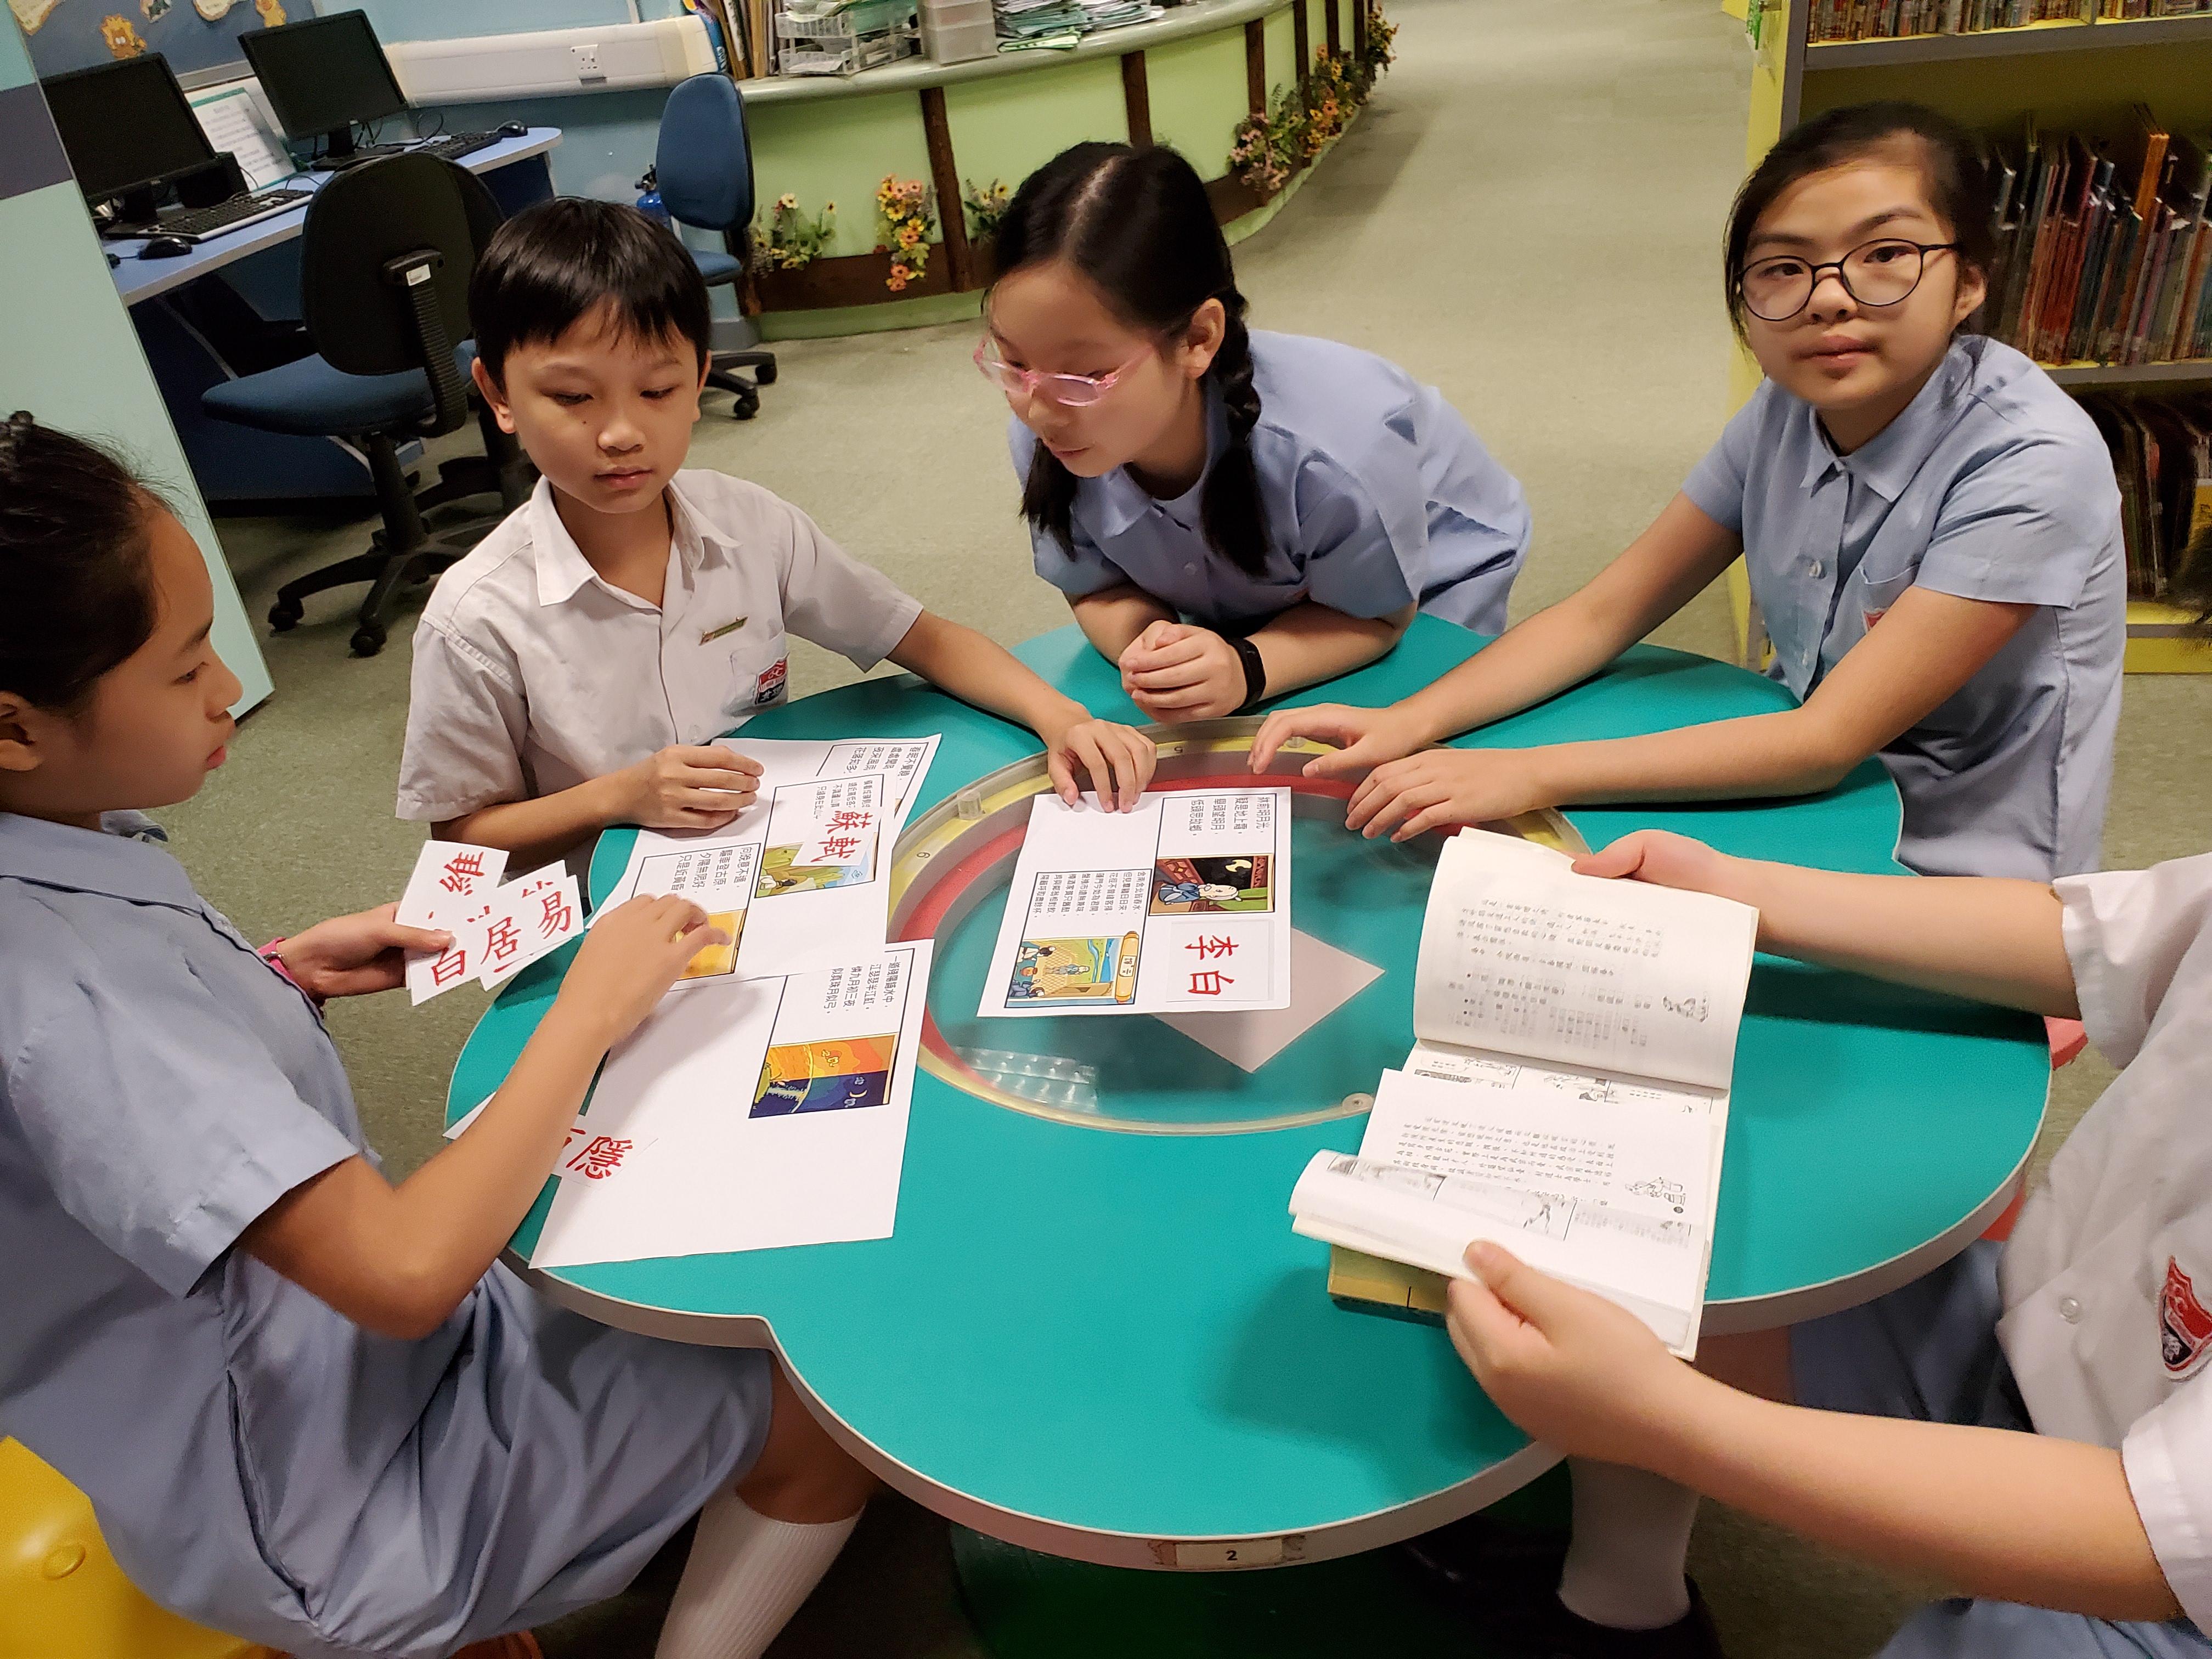 http://www.keiwan.edu.hk/sites/default/files/20191021_105437.jpg